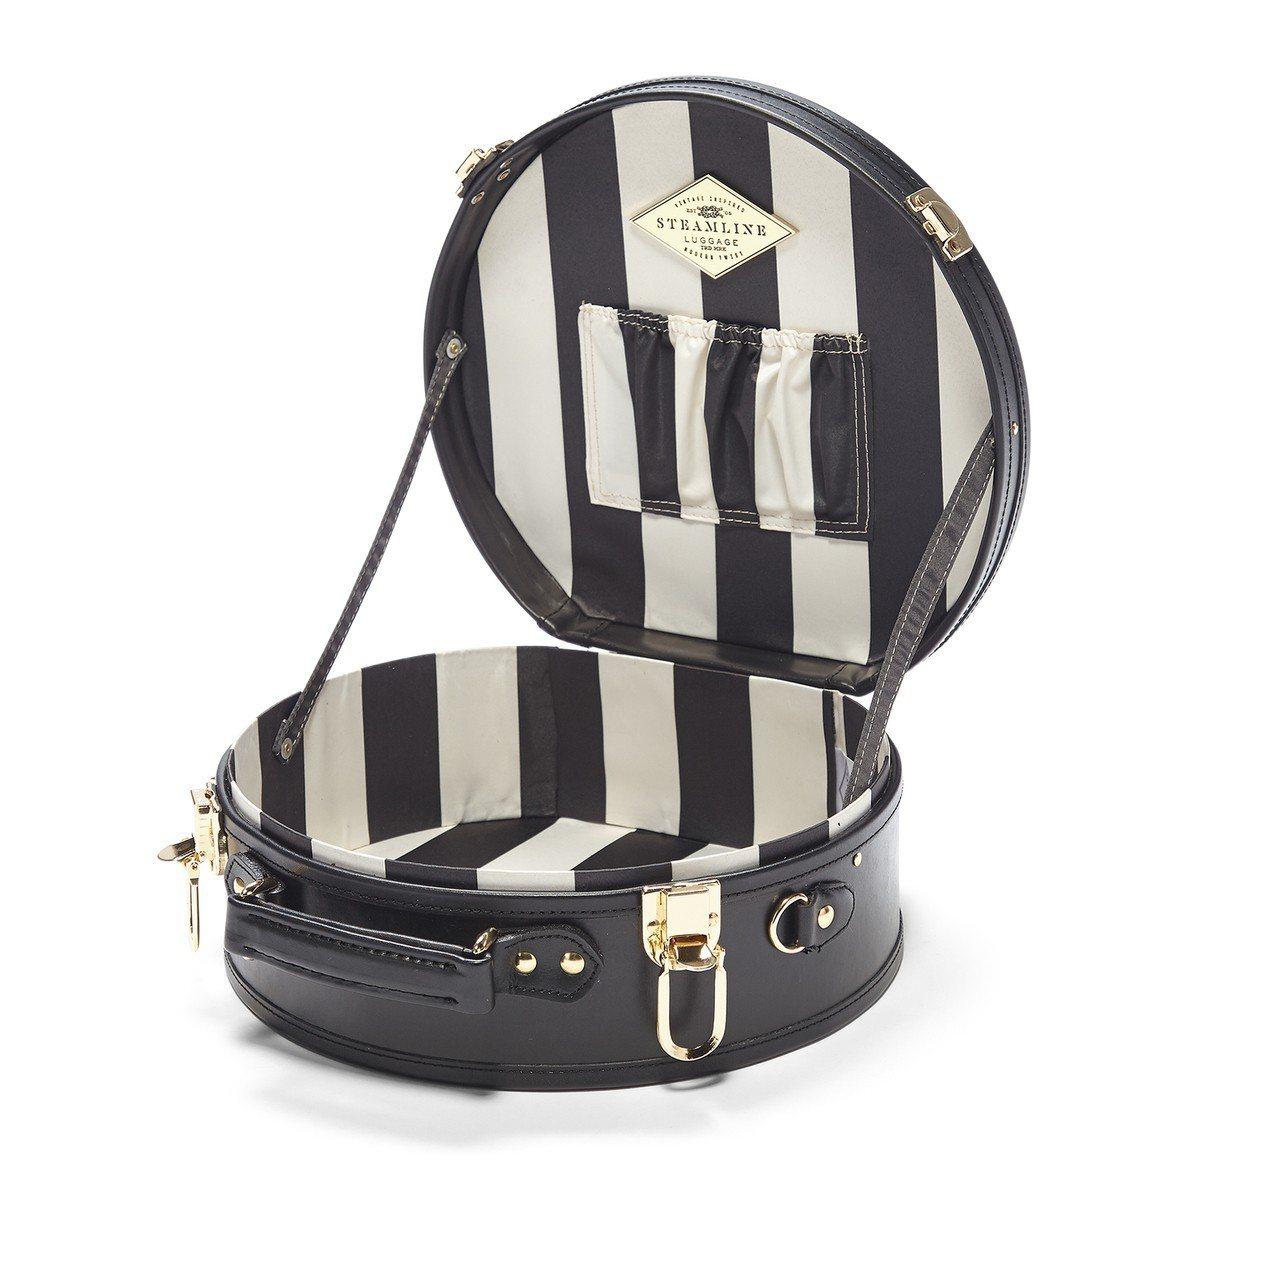 與奢華旅行品牌Steamline Luggage合作的專屬限定系列,黑色皮革映襯...